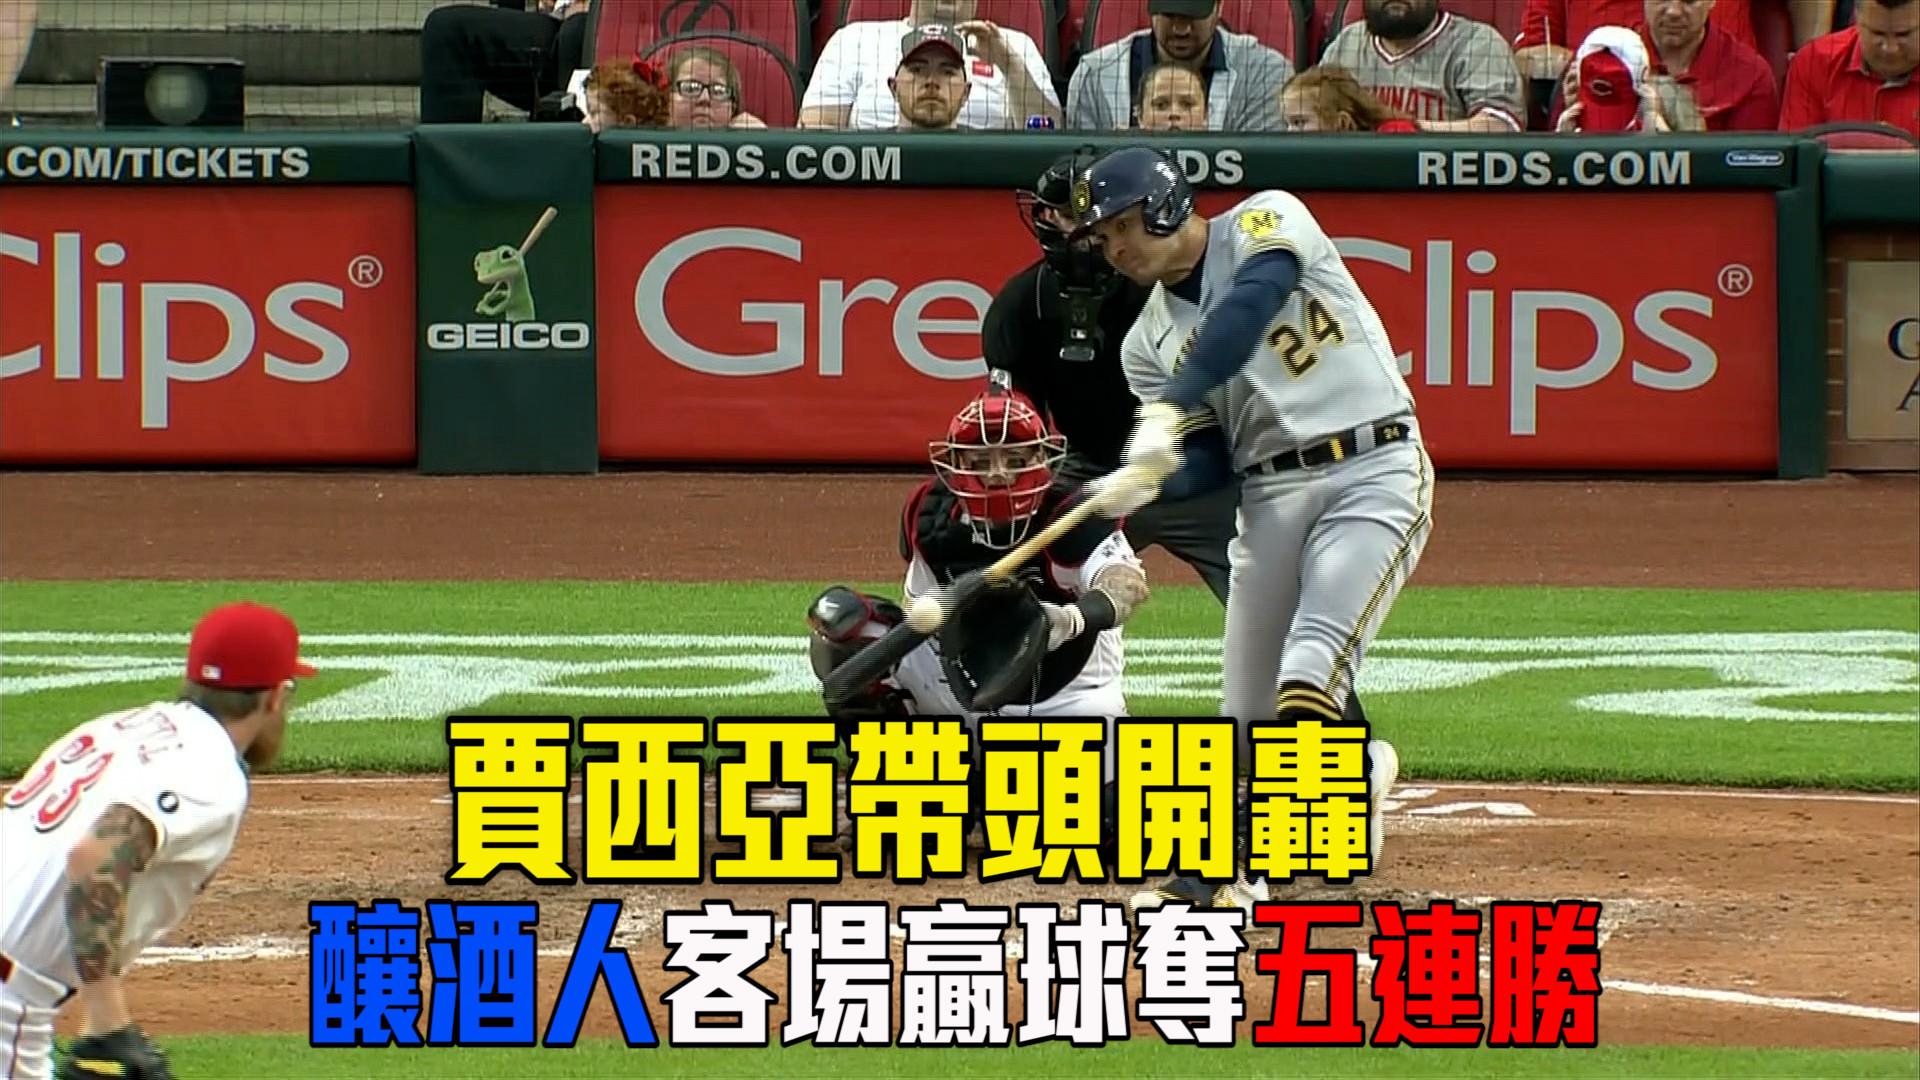 【MLB看愛爾達】賈西亞帶頭開轟 釀酒人力退紅人奪五連勝 06/09